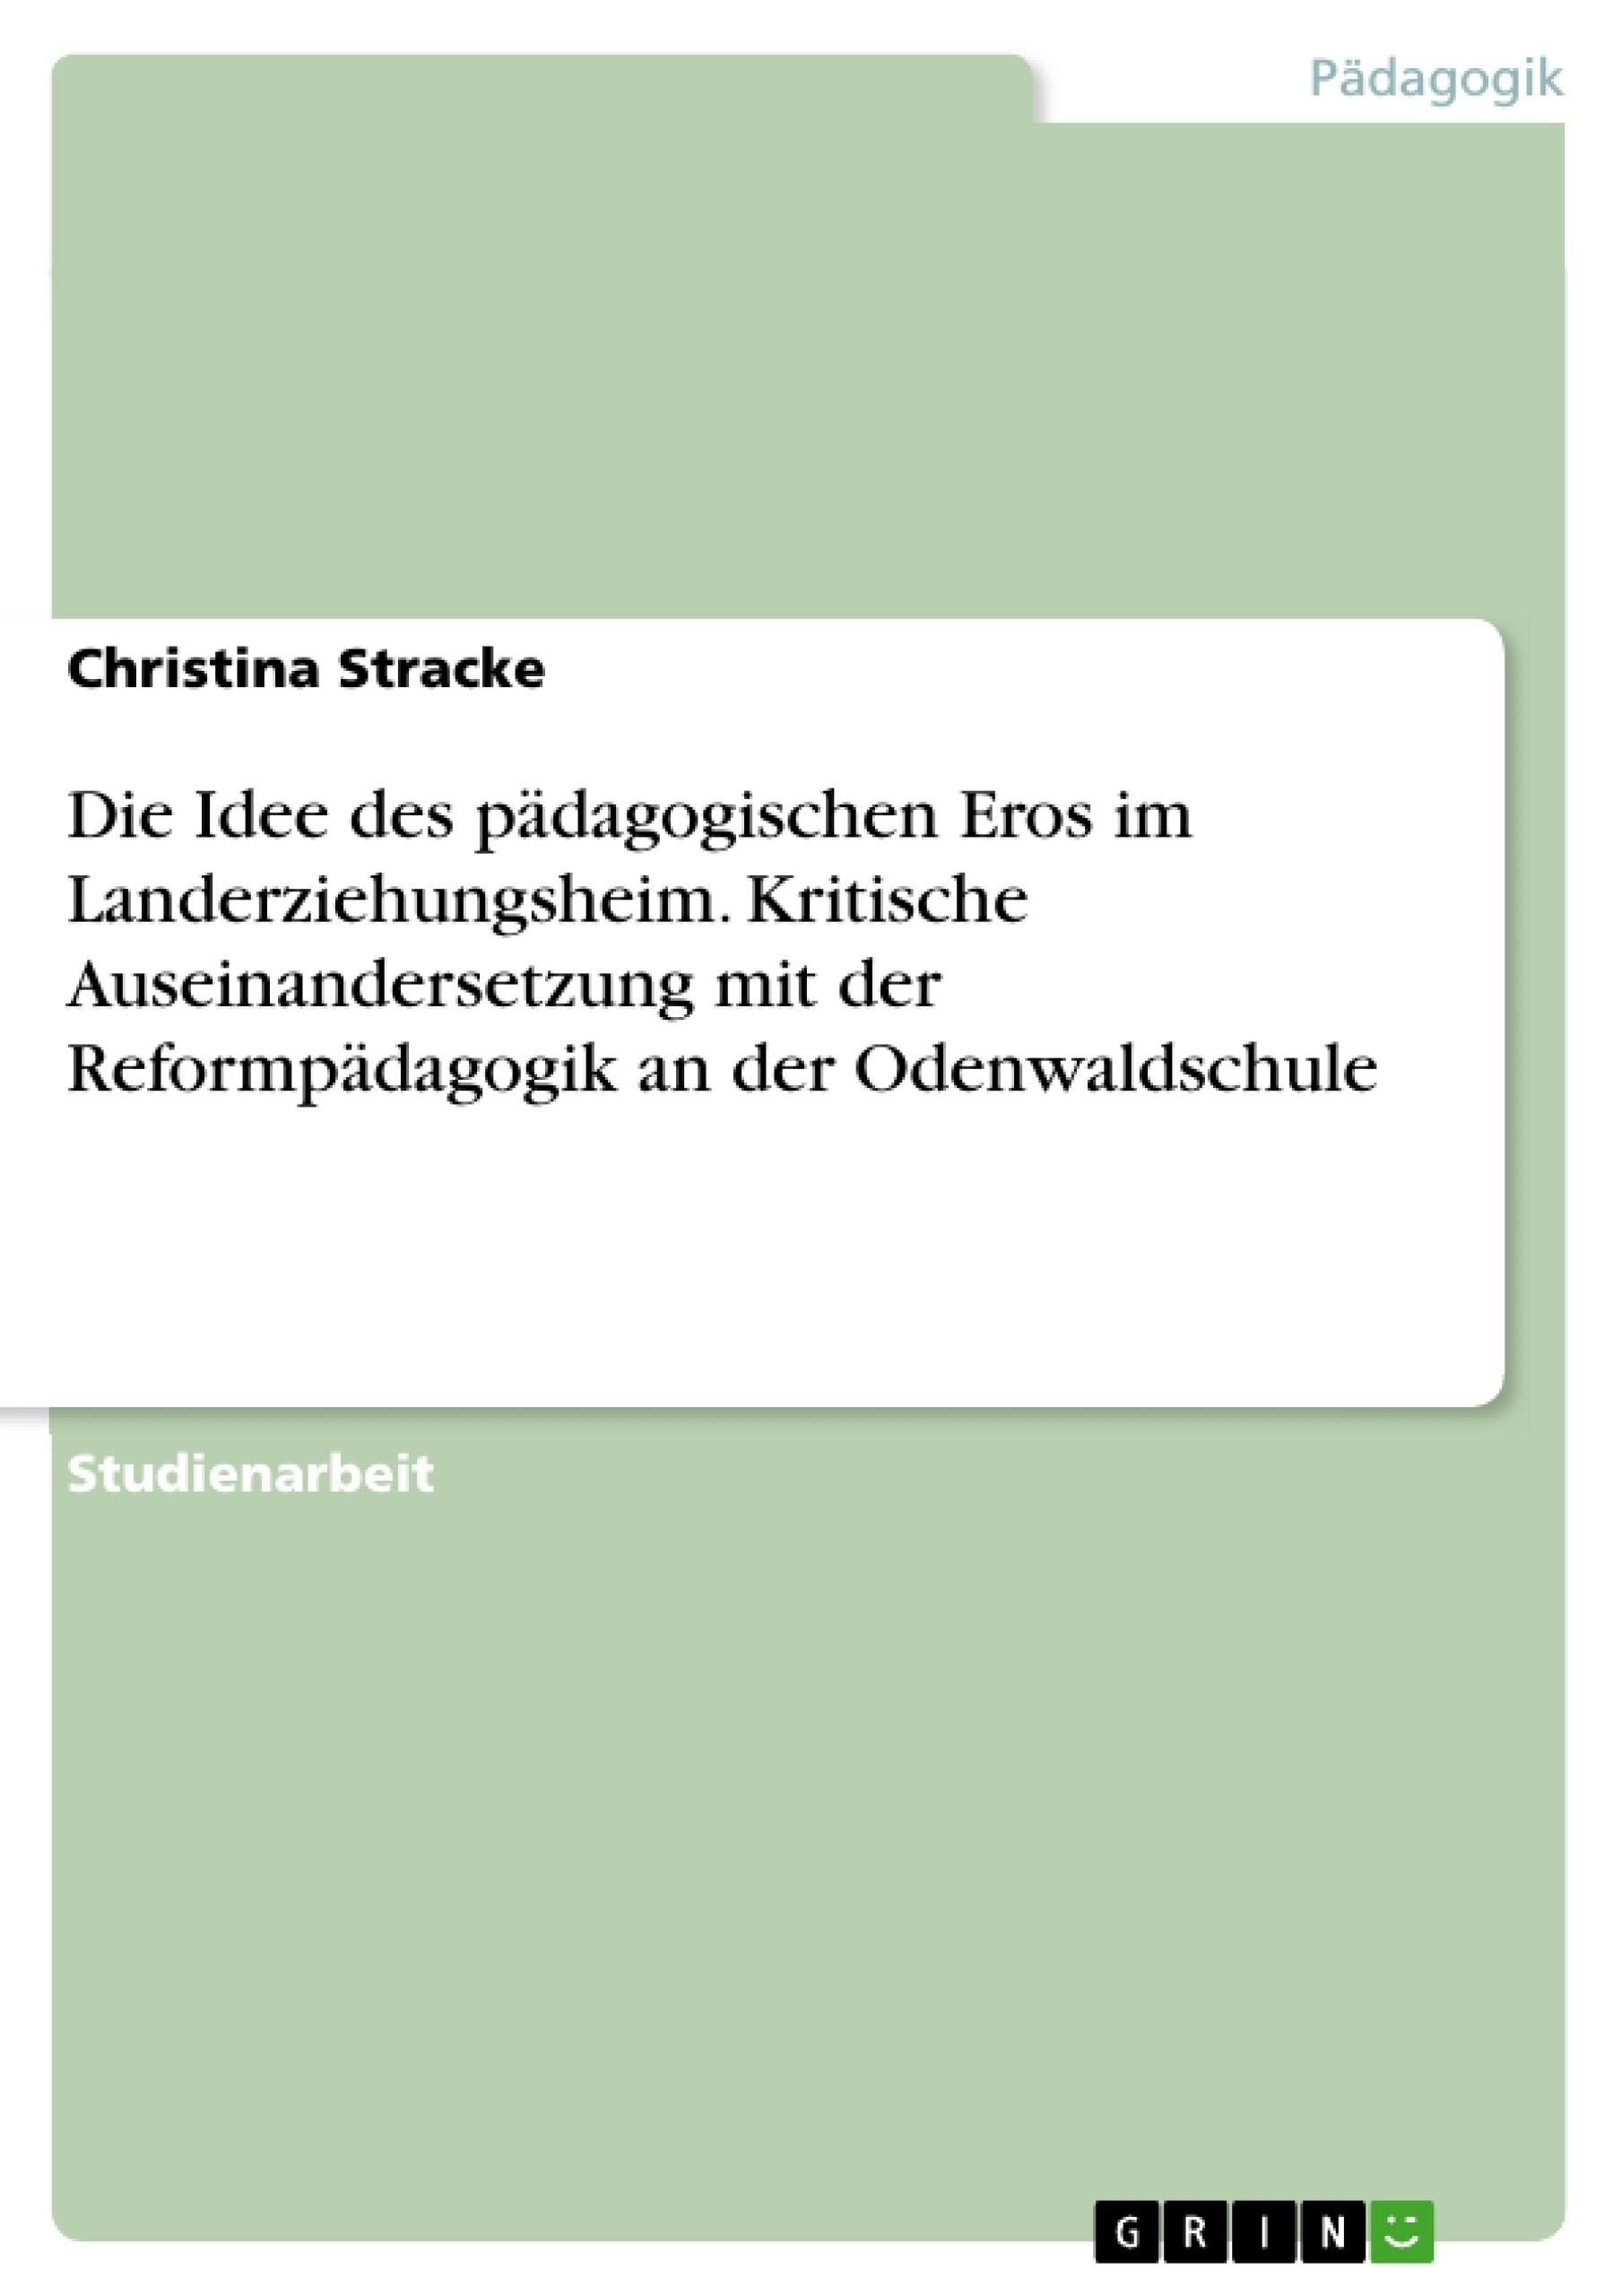 Titel: Die Idee des pädagogischen Eros im Landerziehungsheim. Kritische Auseinandersetzung mit der Reformpädagogik an der Odenwaldschule